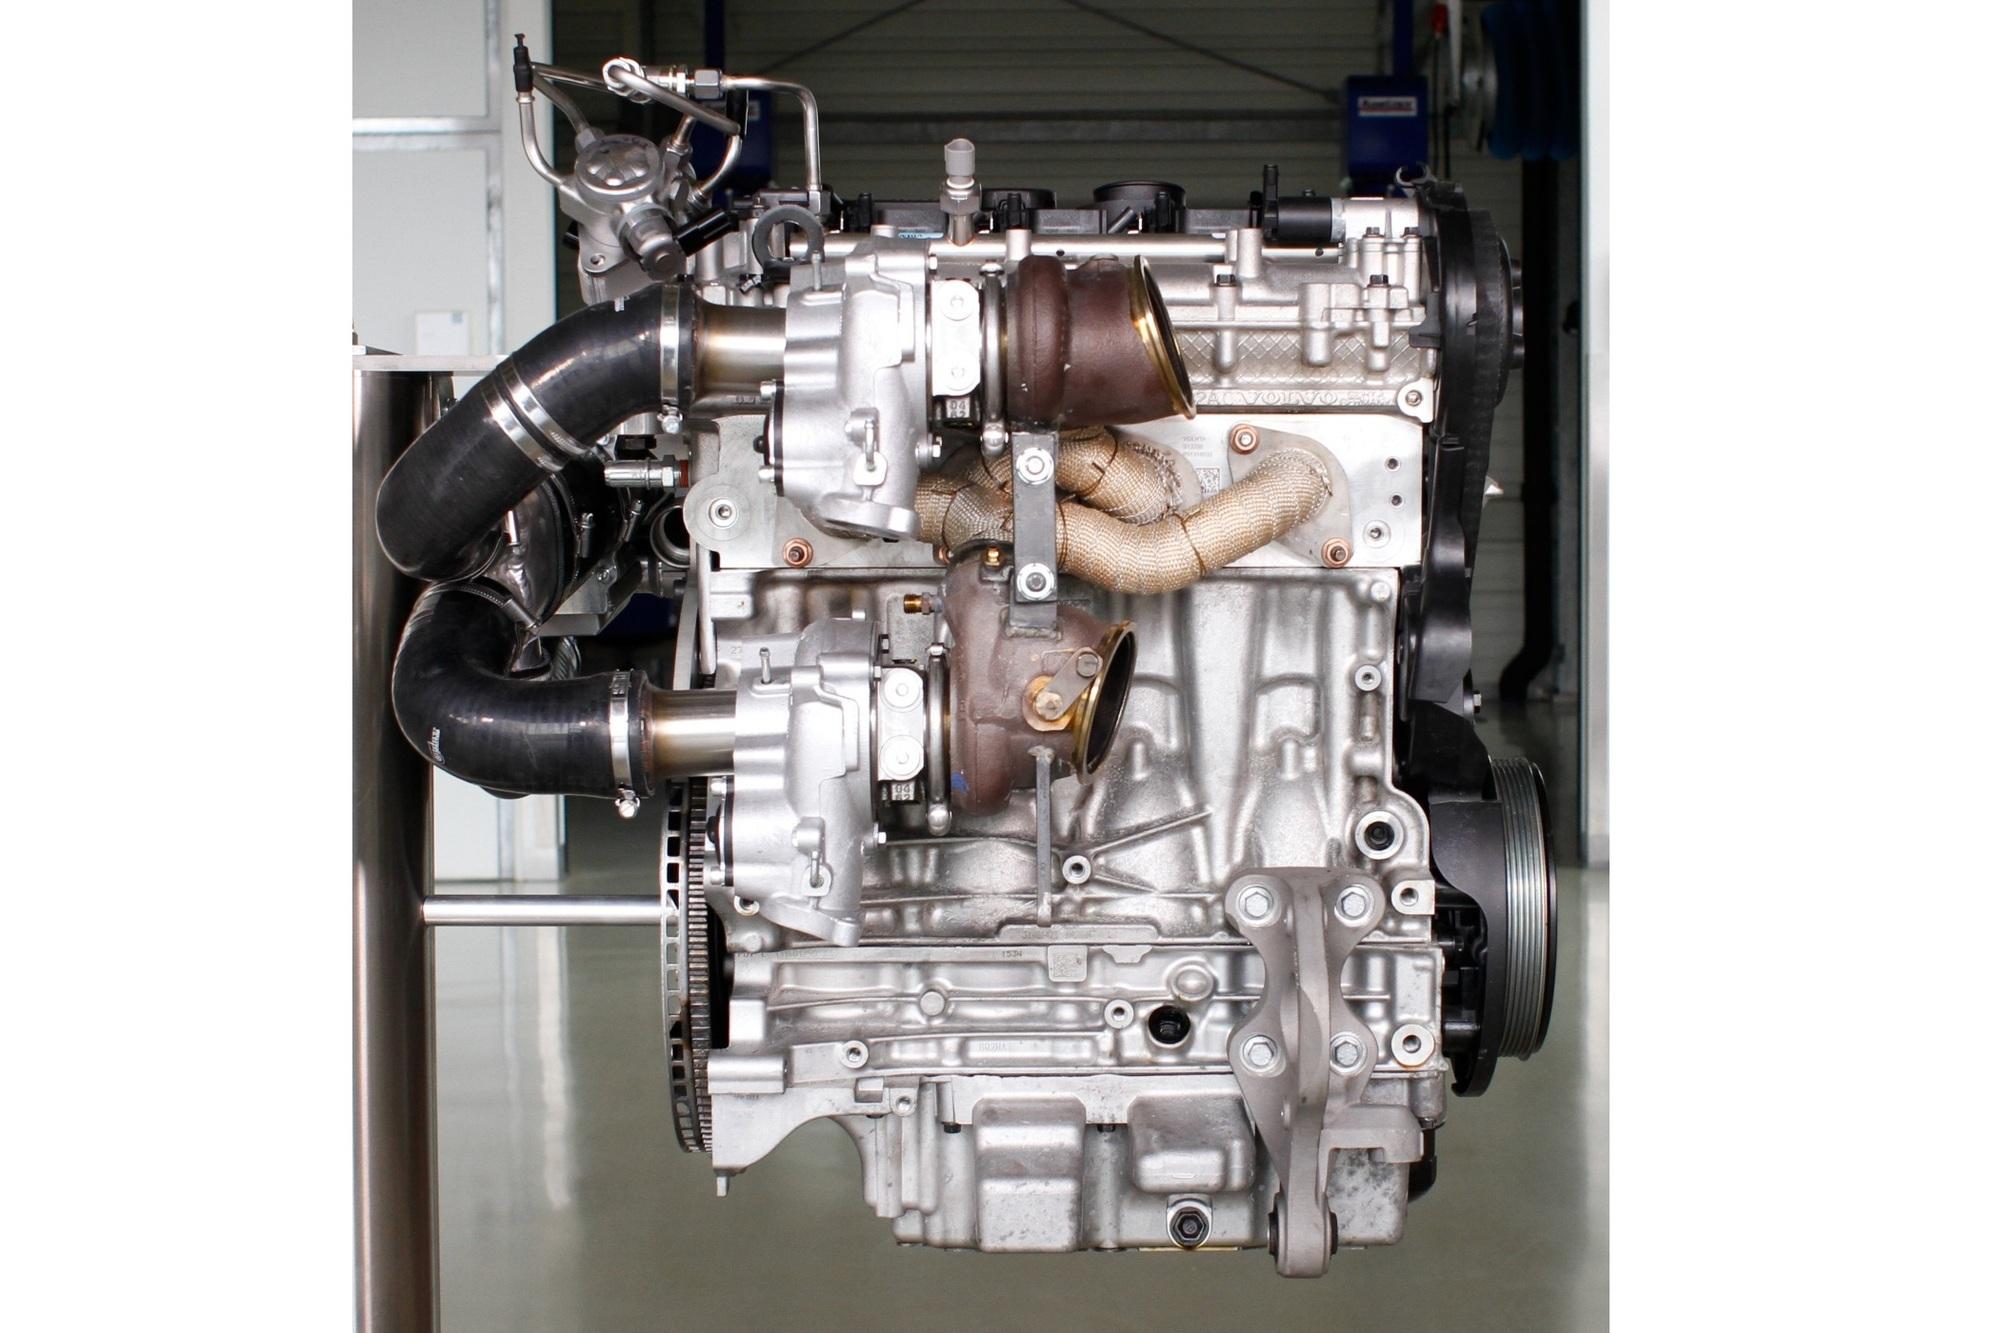 Hochleistungs-Vierzylinder von Volvo - Dreifach drückt besser